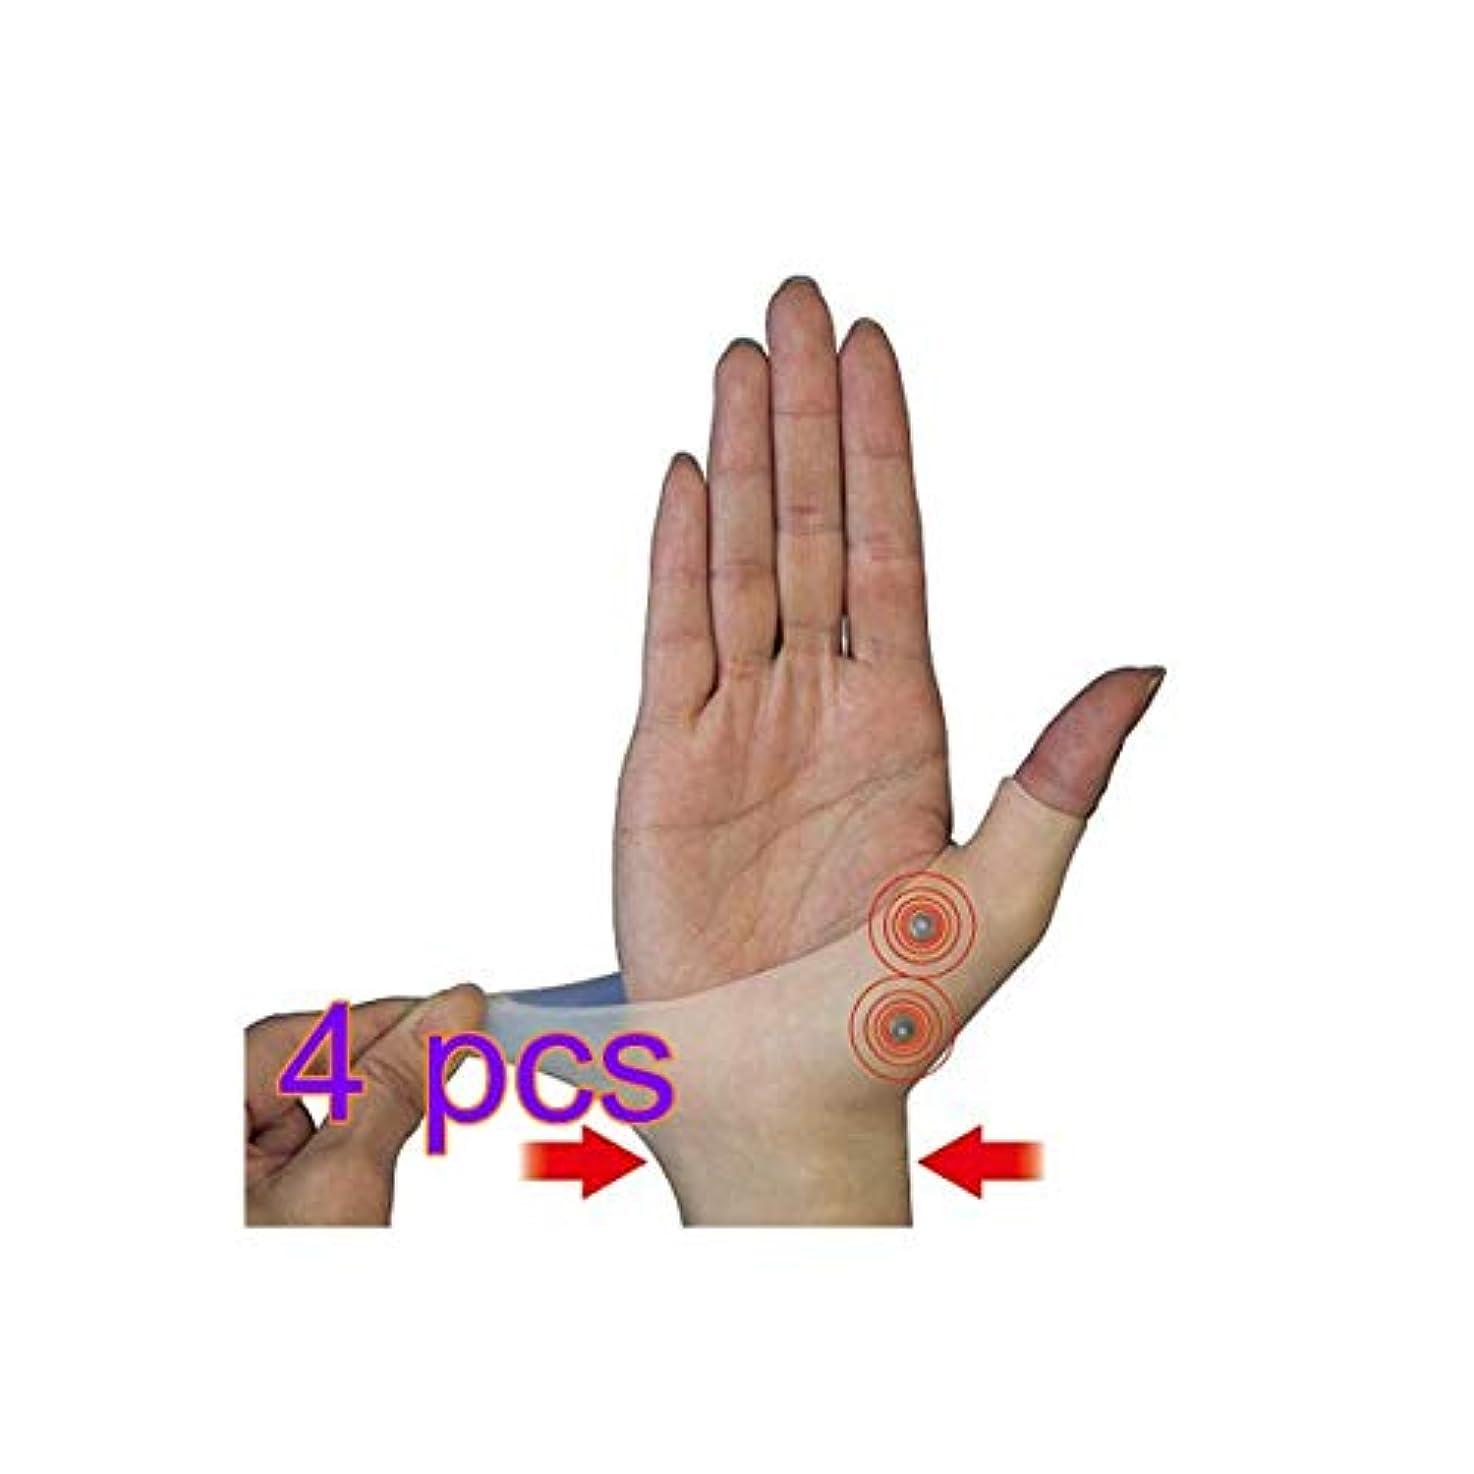 の旅客ディーラーSUGE 手首サポーター 磁気手袋 親指サポーター 磁気療法手袋 圧縮手袋 血行促進 疲れ軽減 衝撃緩和 サポーター レディース テーピング シリコン フリーサイズ 左右両用 男女兼用 2枚/4枚セット